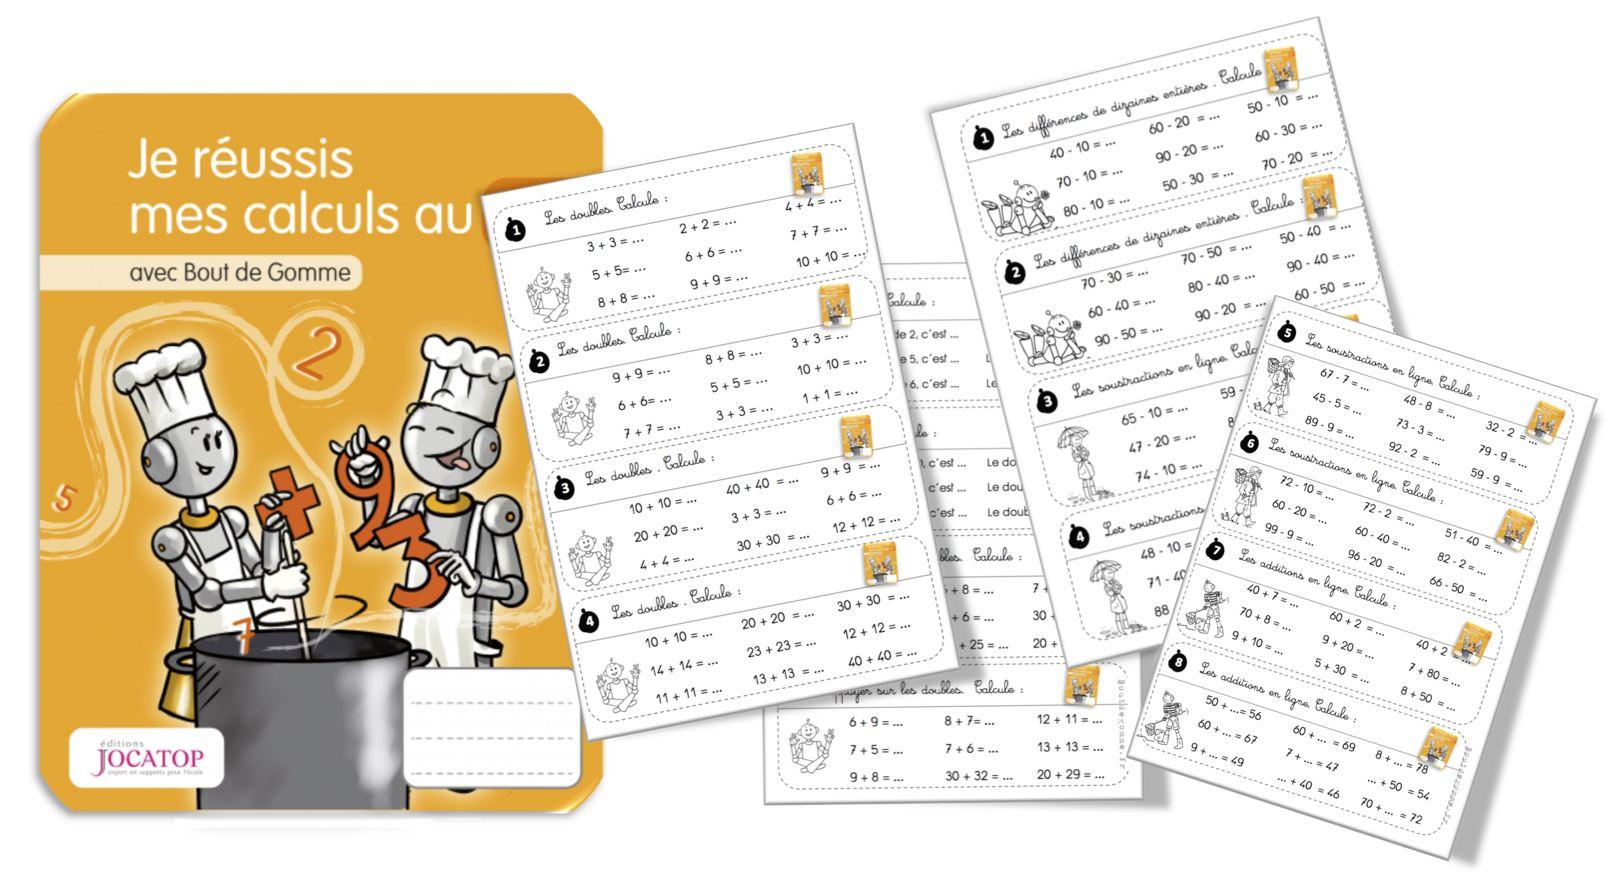 Rituels Calculs Jocatop Ce1 : Doubles, Additions Et tout Exercice De Ce2 En Ligne